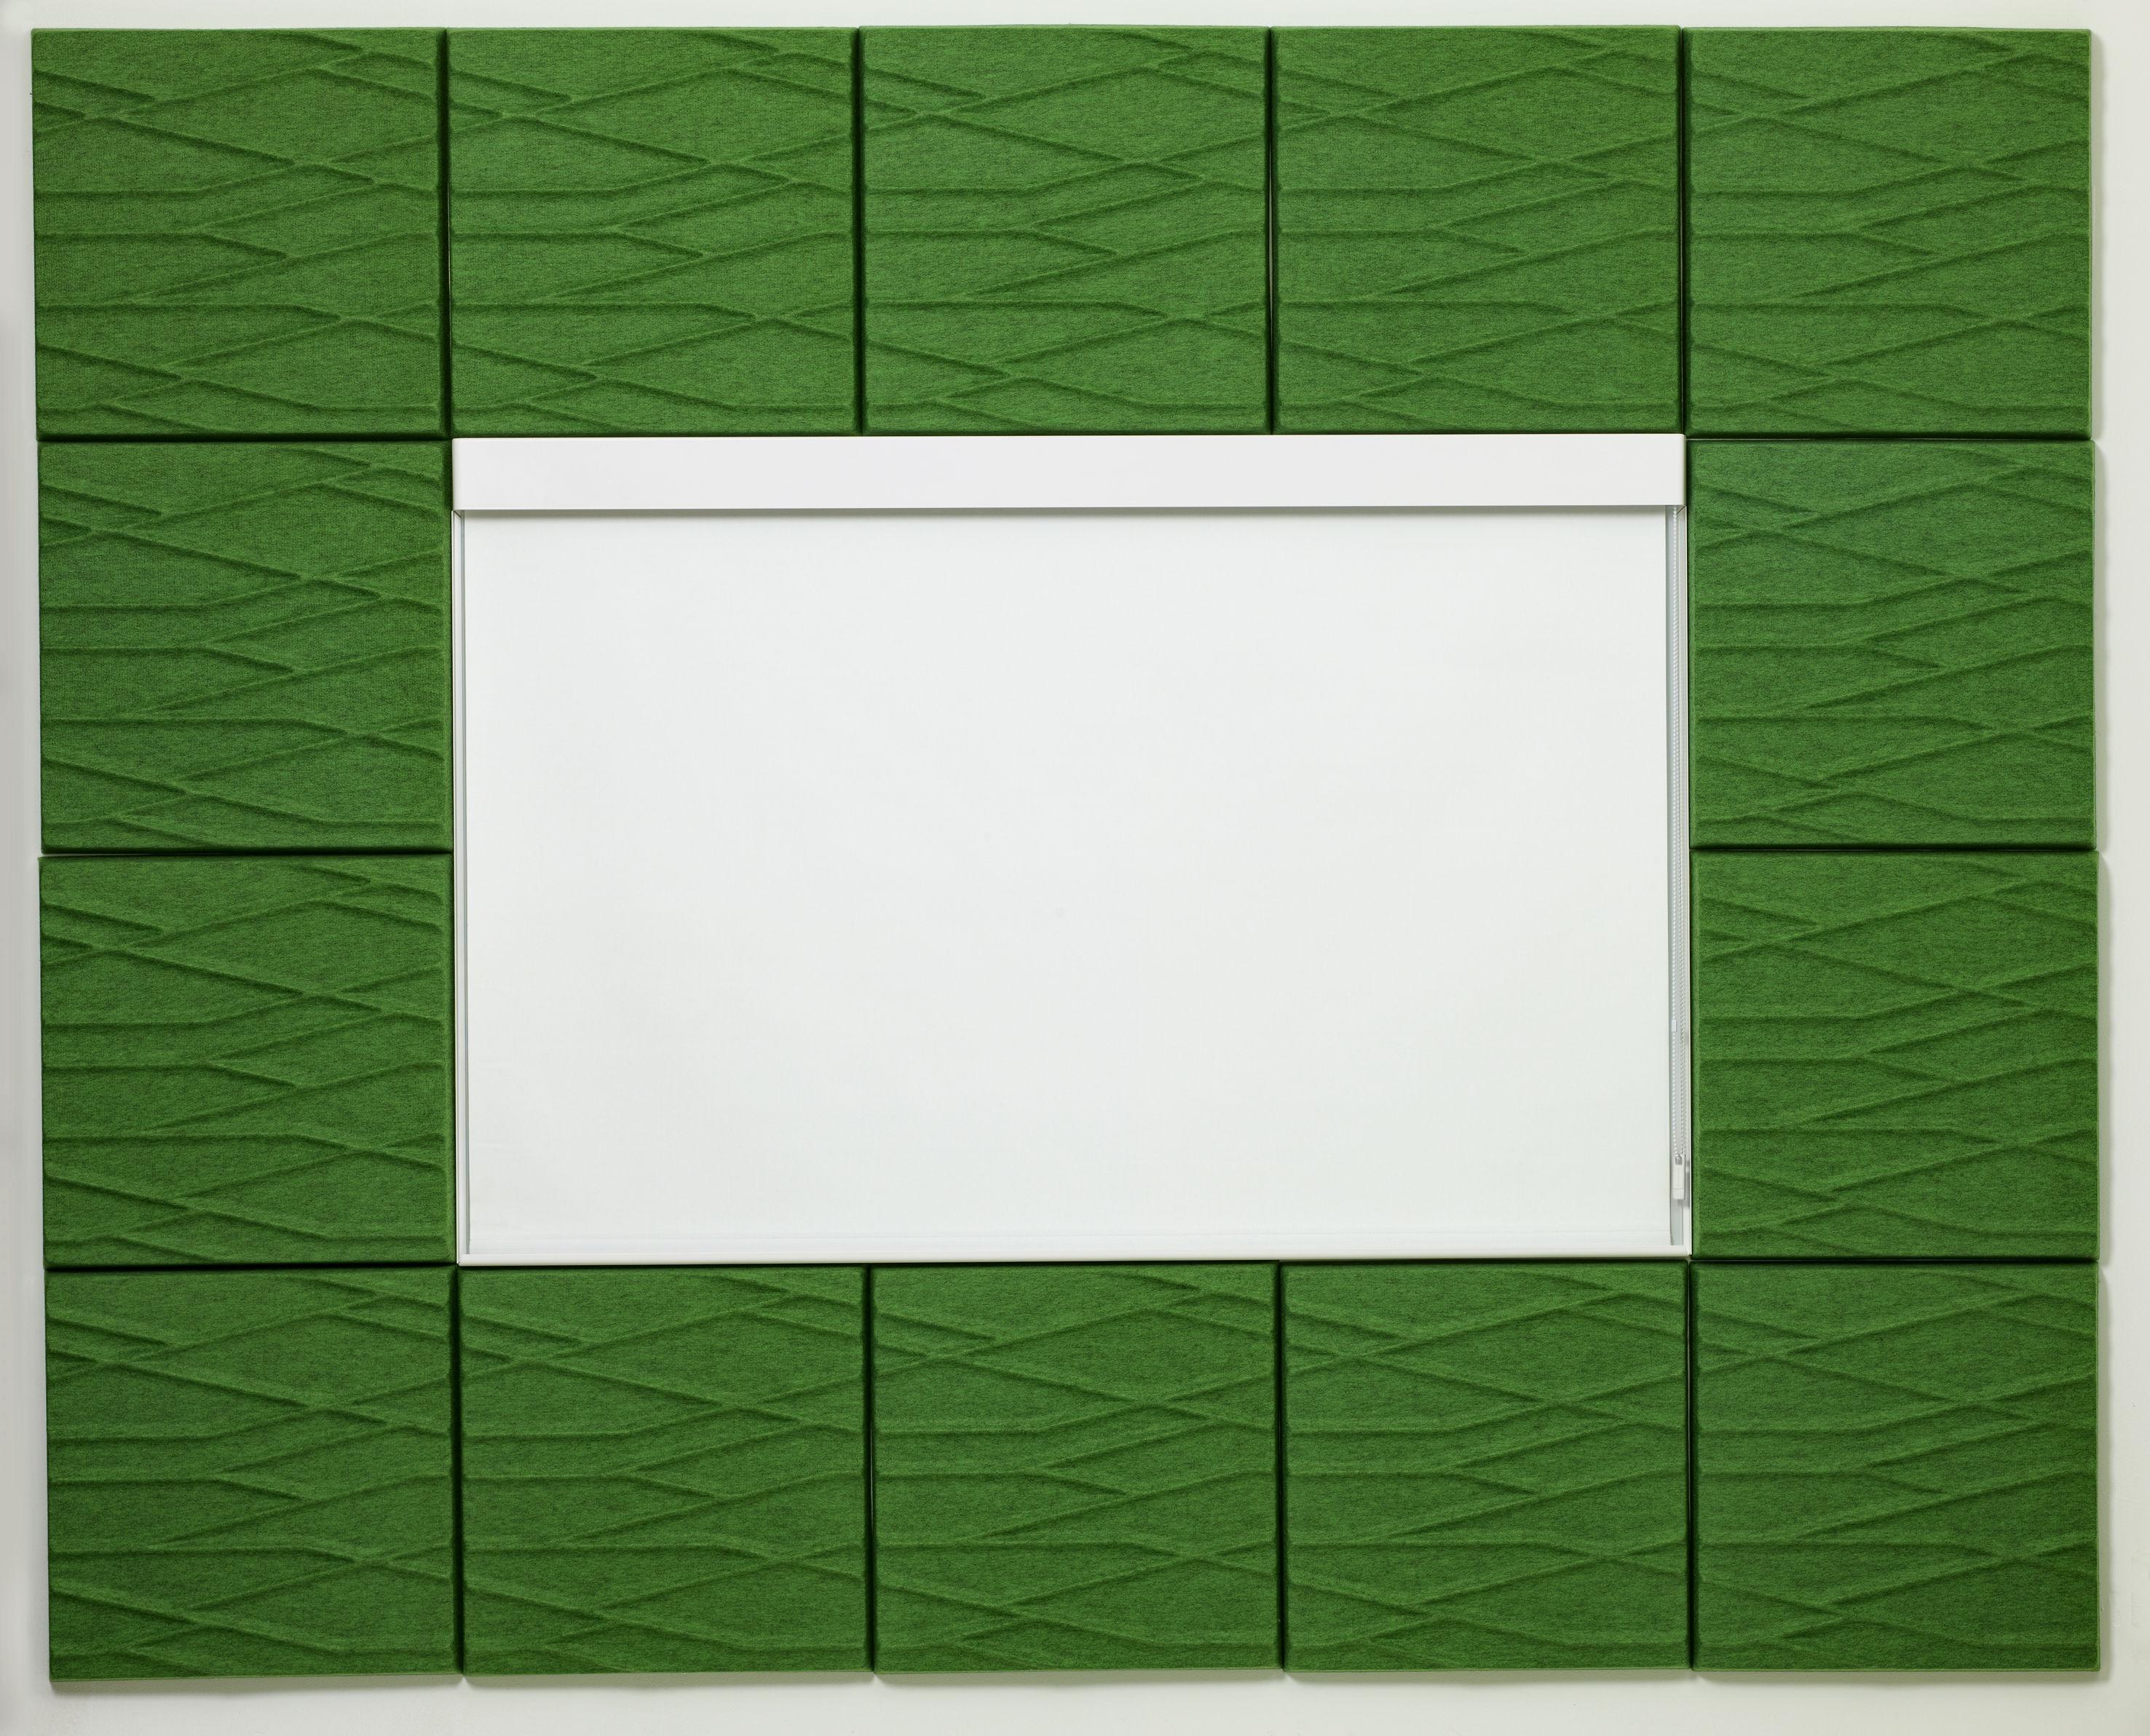 tableau blanc magn tique pour panneau acoustique soundwave l 175 5 x h 117 cm blanc offecct. Black Bedroom Furniture Sets. Home Design Ideas